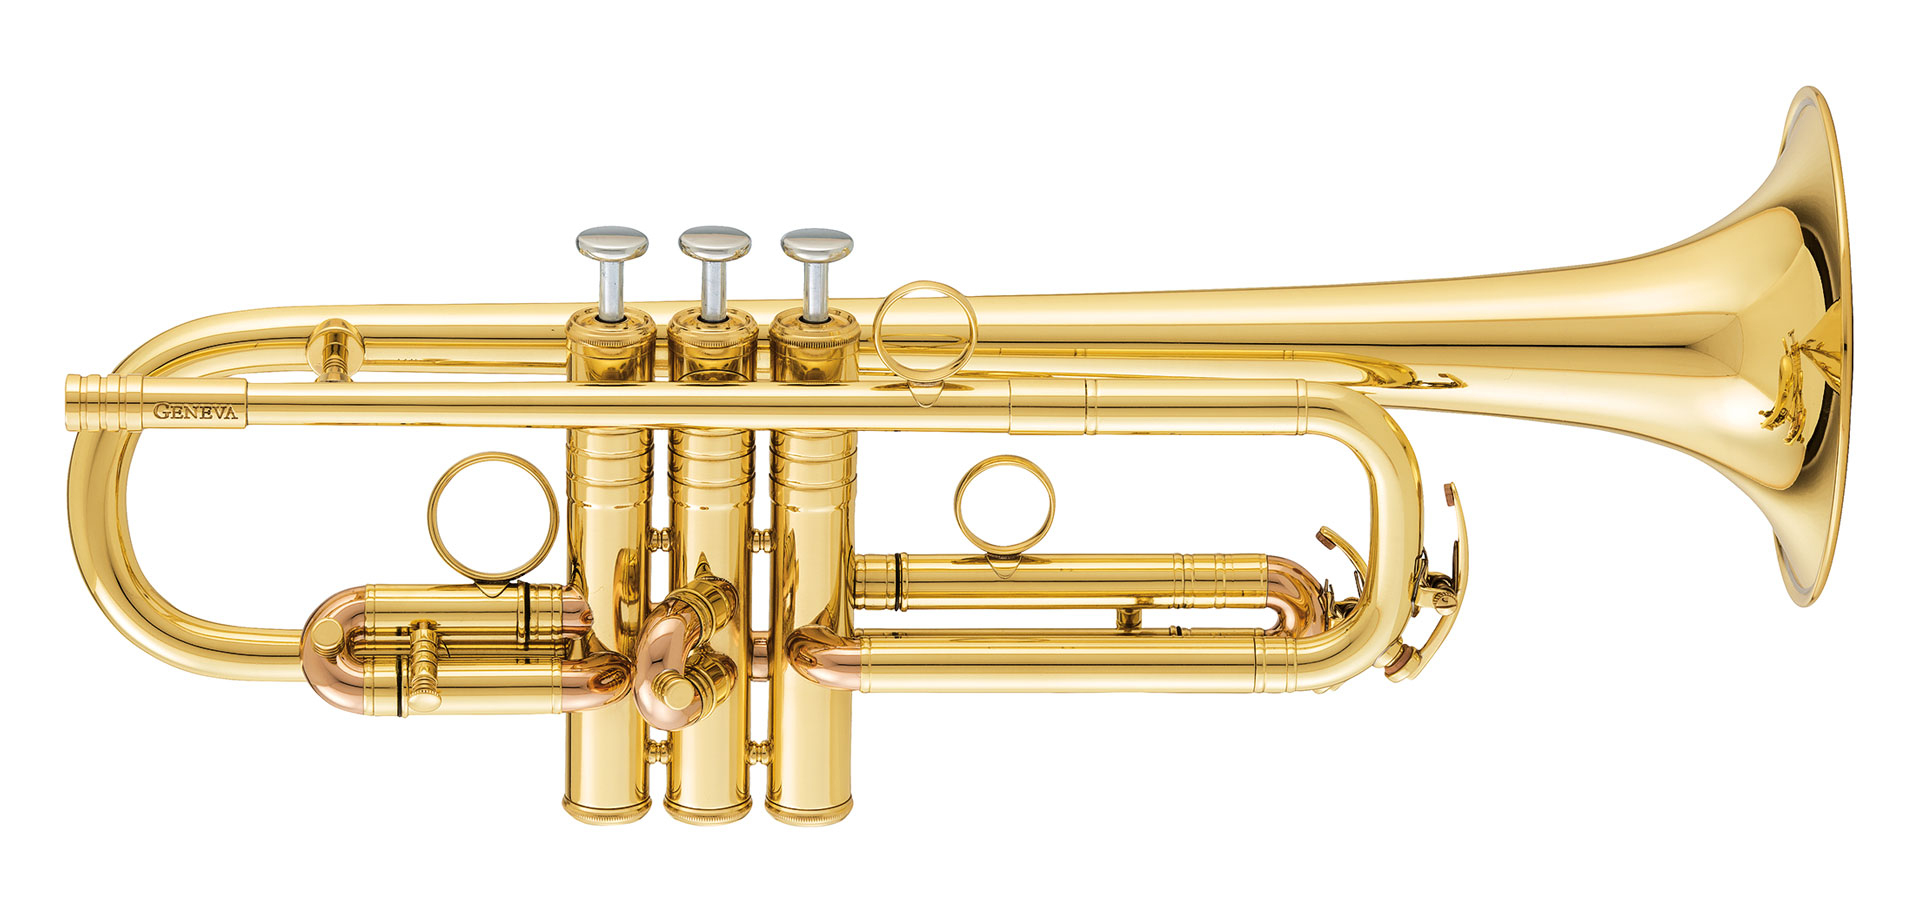 Geneva-C-Trompete Symphonie Lackiert über Trompete Bilder